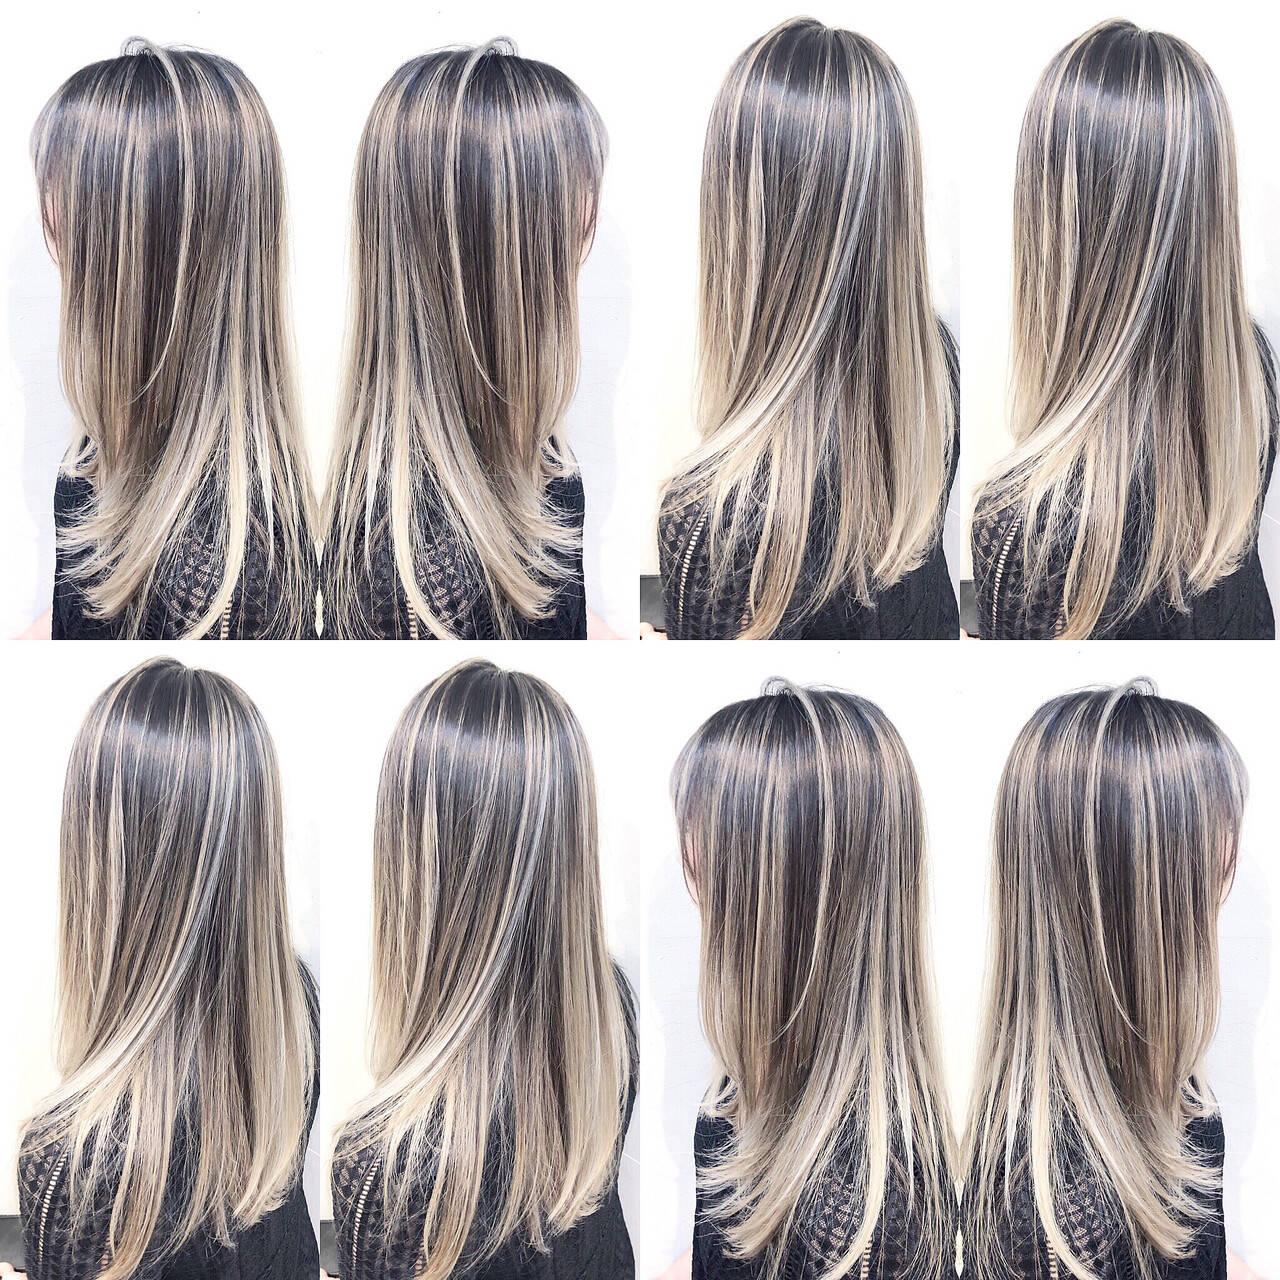 グラデーションカラー ナチュラル ユニコーンカラー ハイライトヘアスタイルや髪型の写真・画像